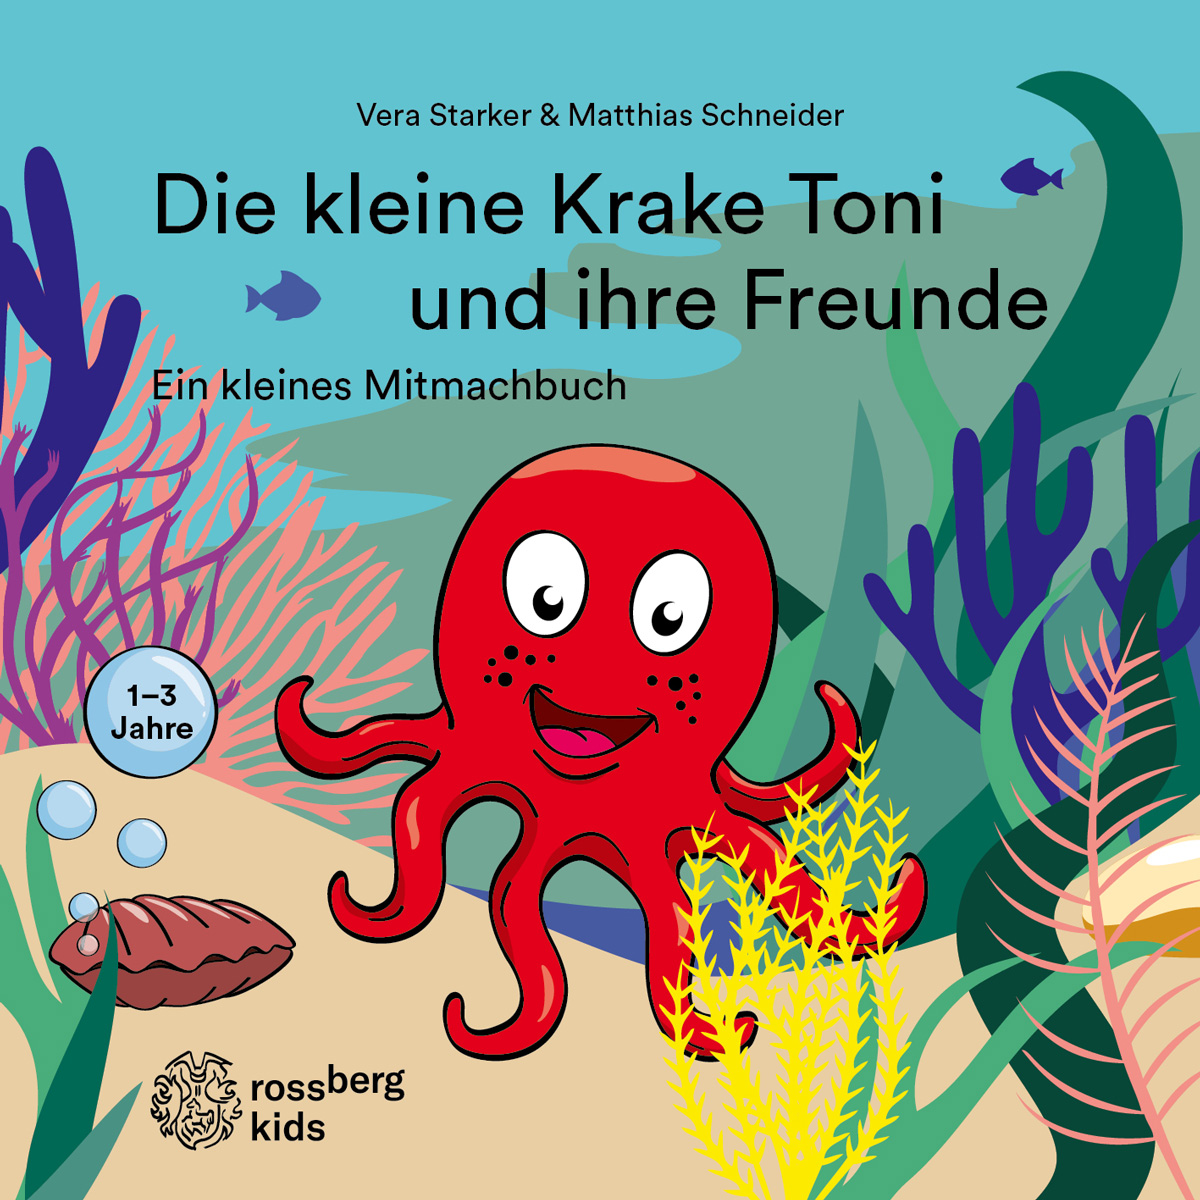 Die Kleine Krake Toni und ihre Freunde (Cover)